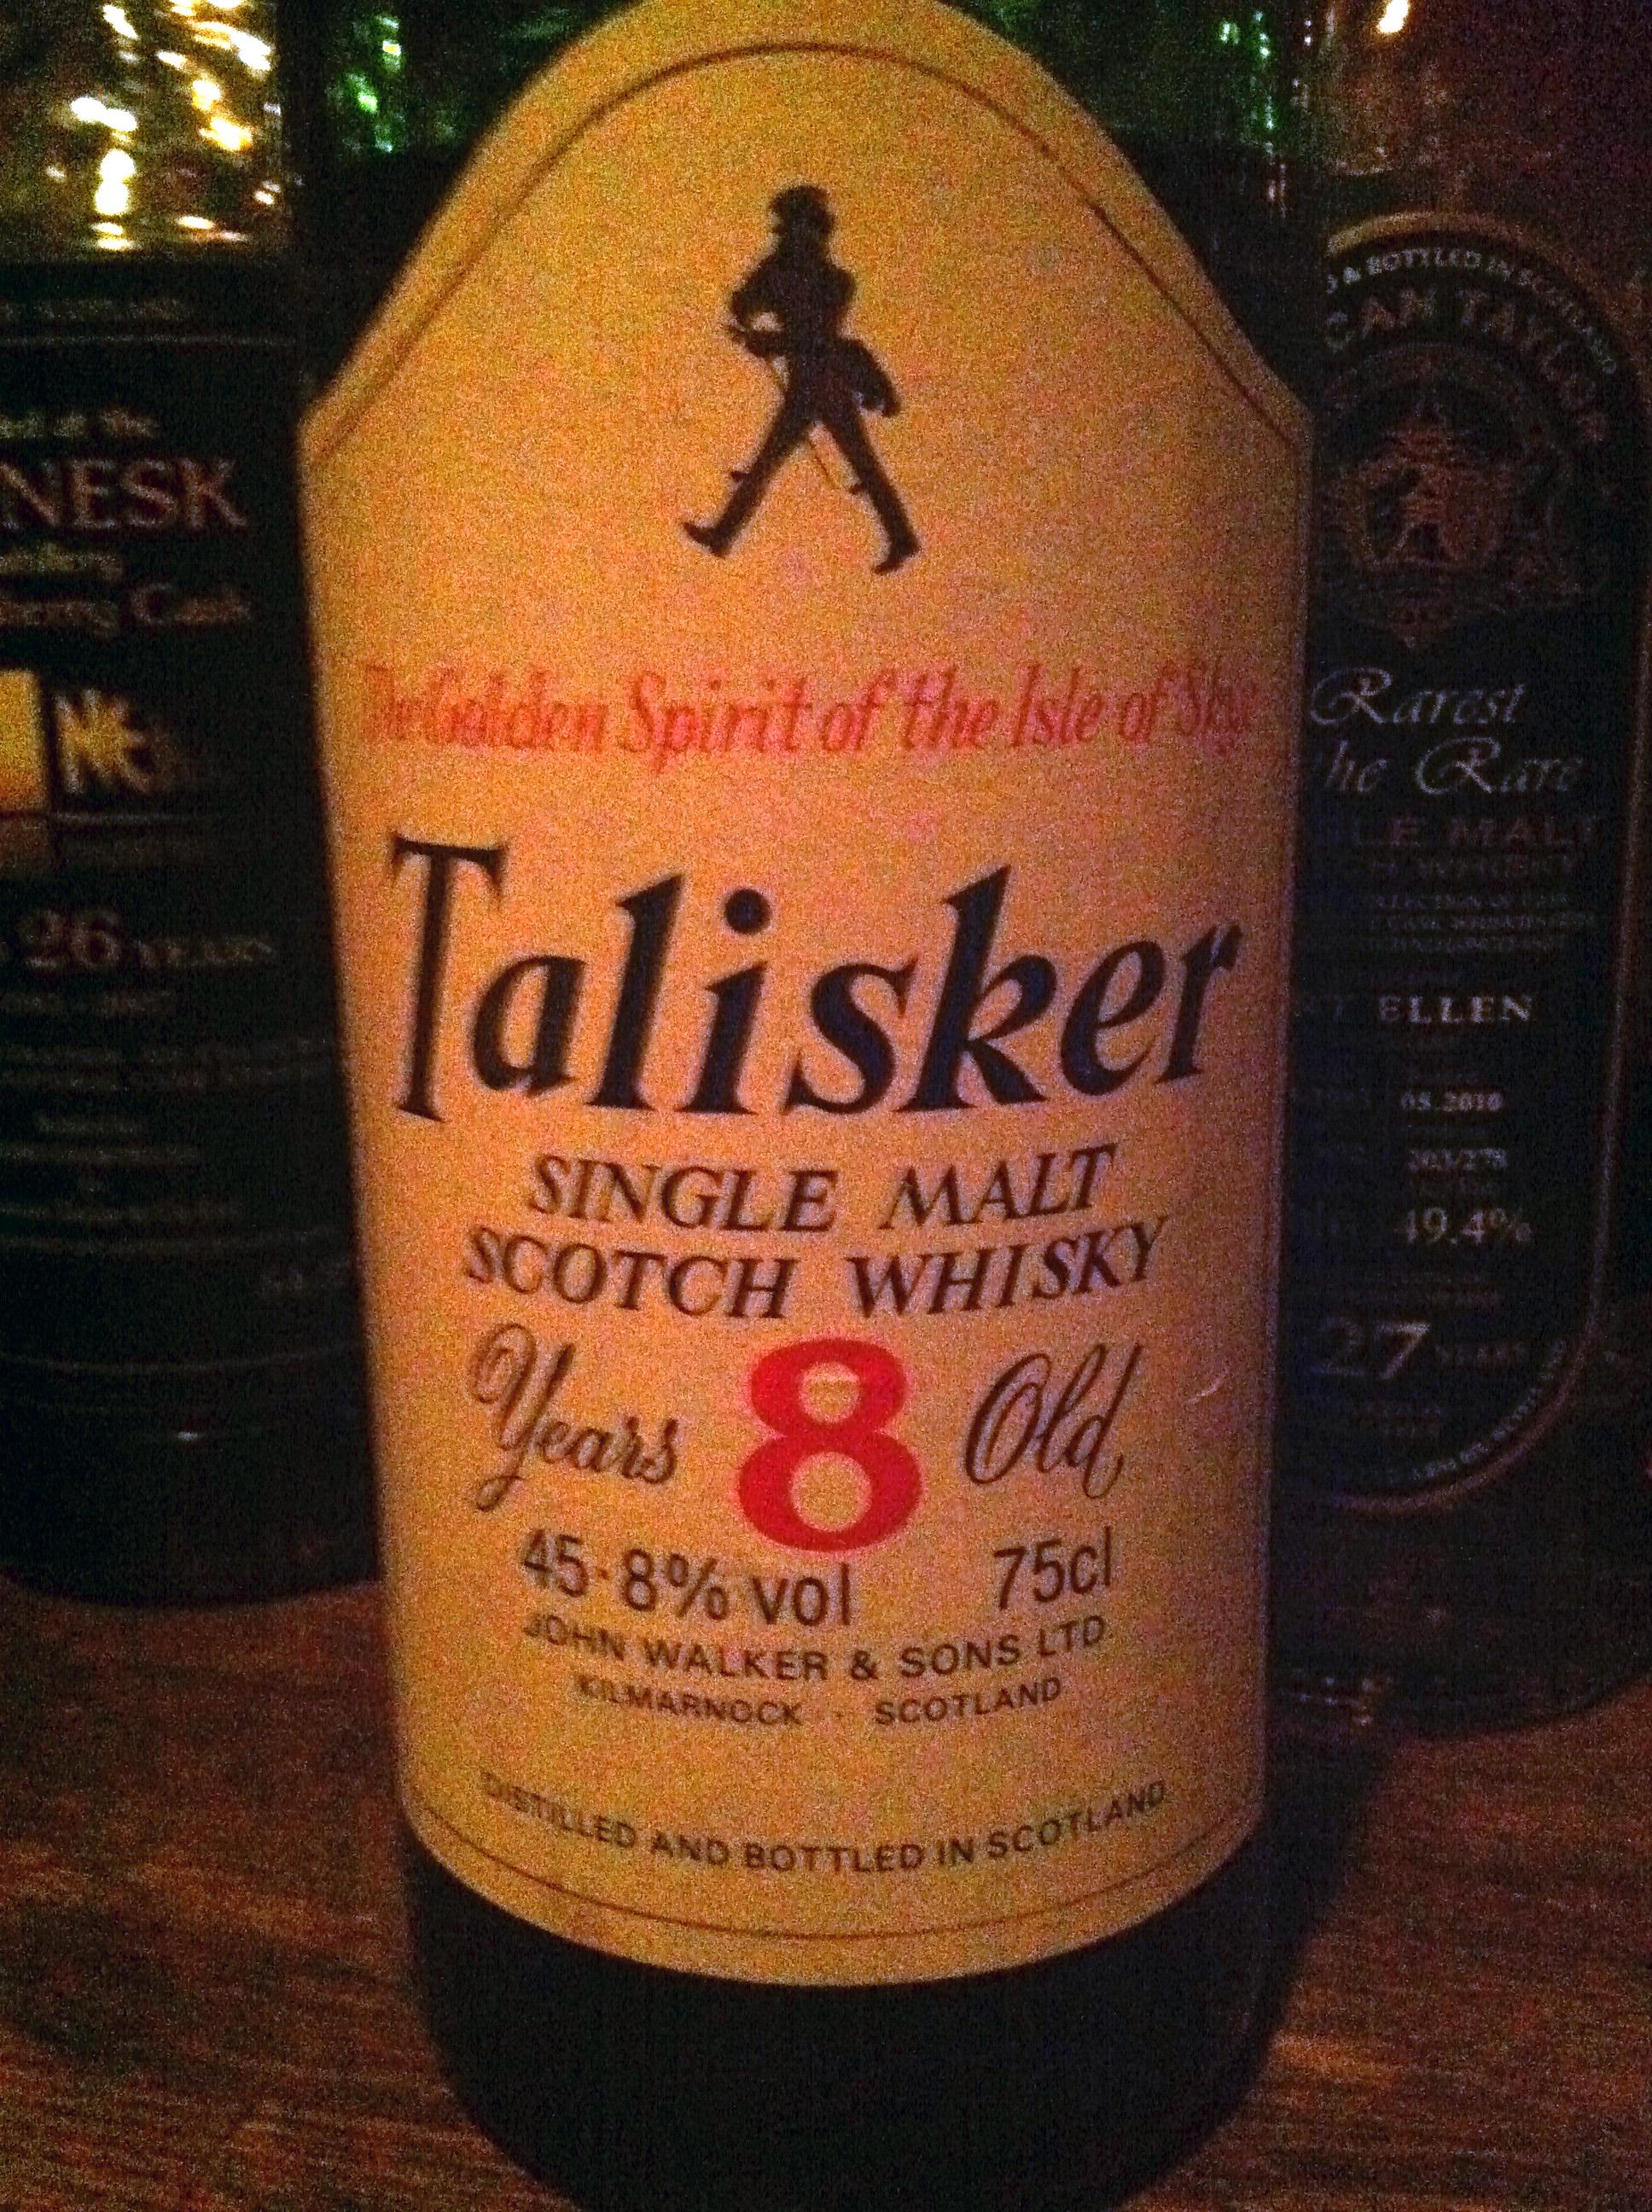 """タリスカー Talisker 8 yo (45.8%, OB, John Walker & Sons, """"The Golden Sprit of the Isle of Sky"""")"""